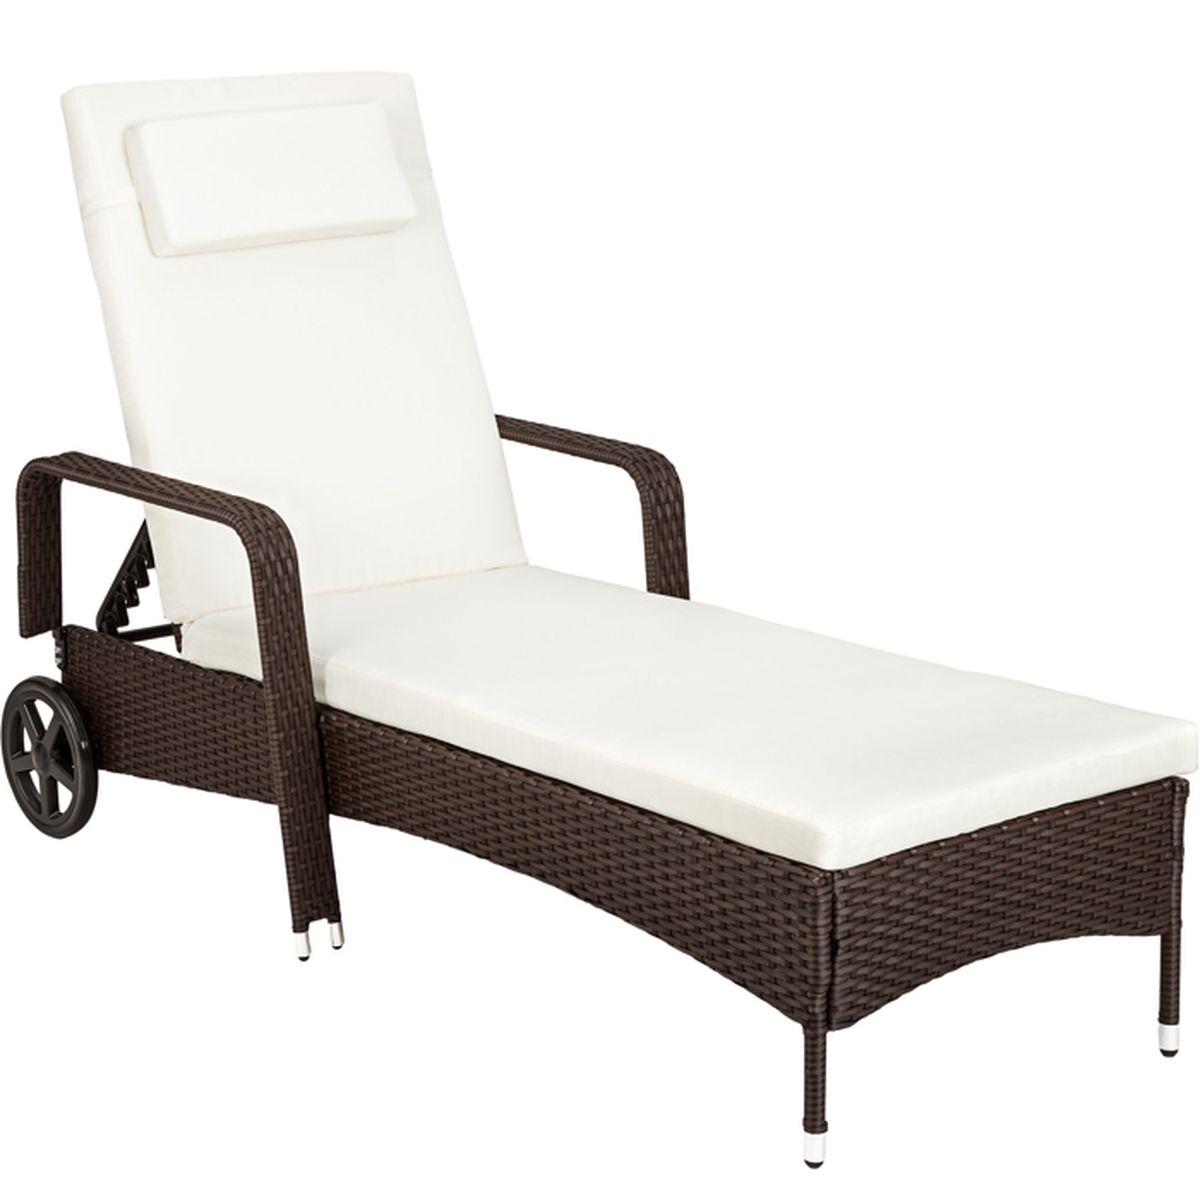 Wood.L Coussin De Chaise Longue Portable pour Jardin pour Voyage Chaise Longue /Épaisse Terrasse Ext/érieur Int/érieur Vacances Jardin